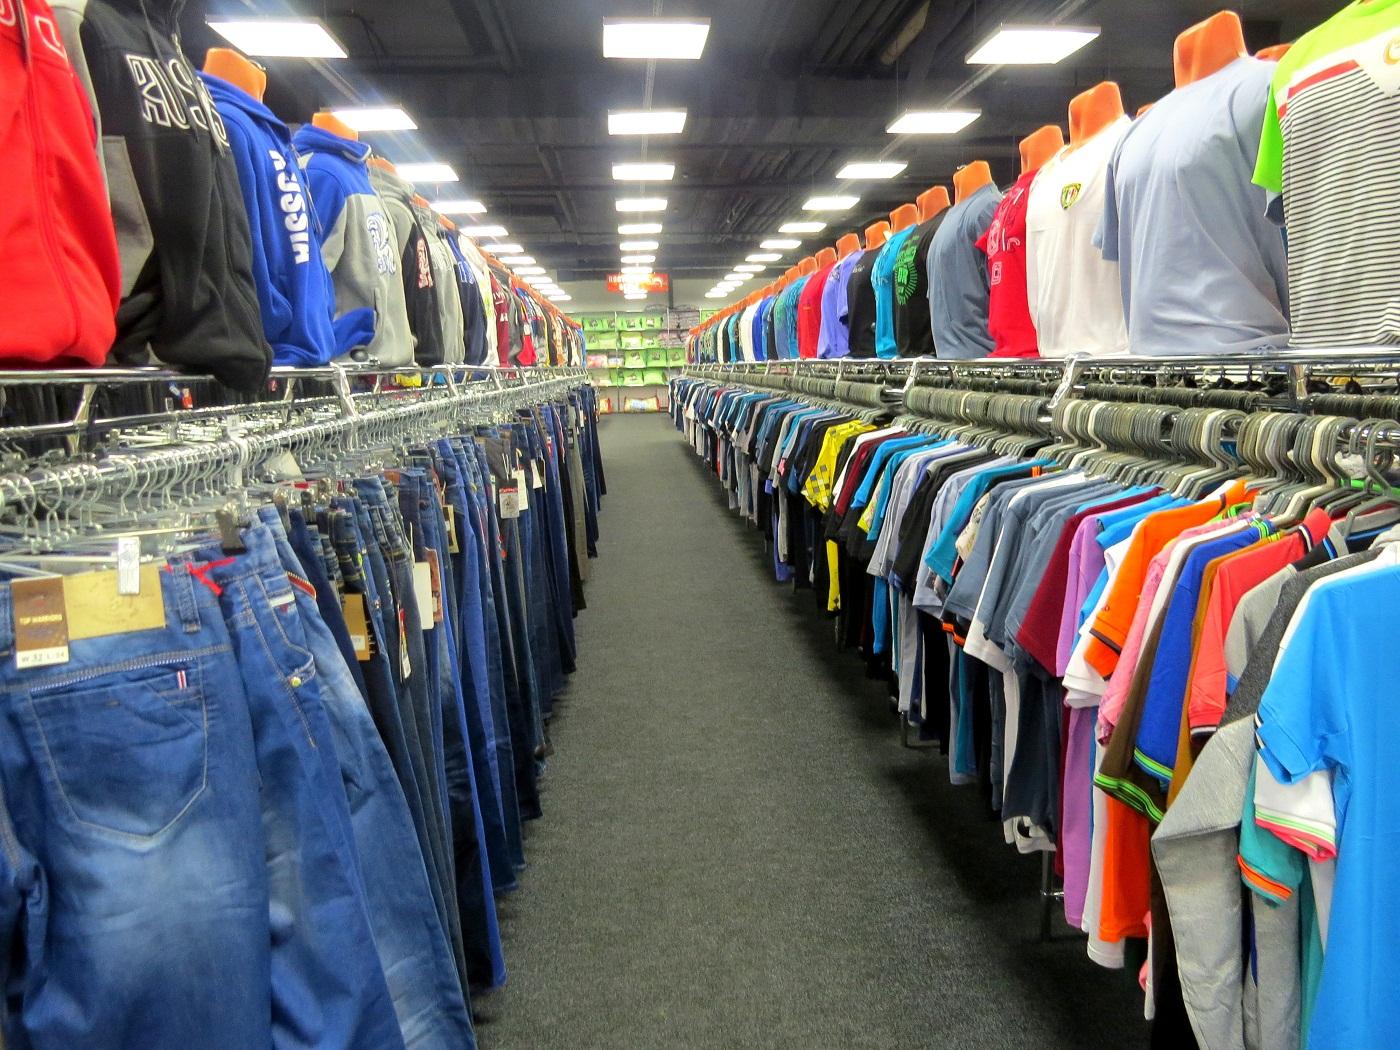 Выгоды продажи стока оптом европейского производства со склада в Украине - выборки одежды оптомВыгоды продажи стока оптом европейского производства со склада в Украине - выборки одежды оптом